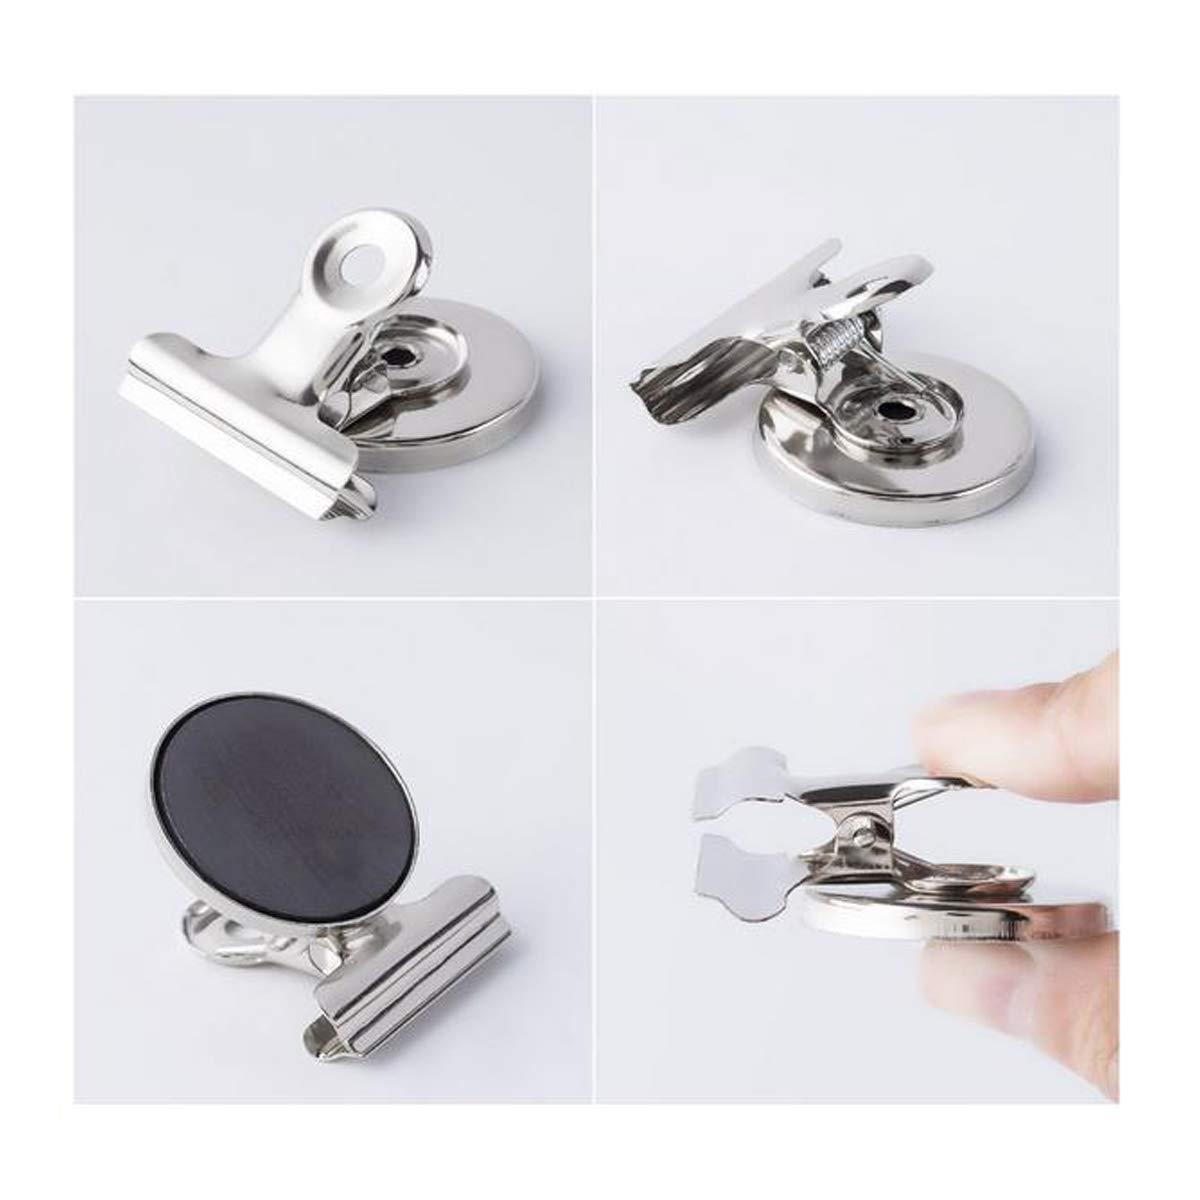 Zuzer 20 PCS Clips Magn/éticos Clip Iman Nevera Imanes Pinzas 31 38 mm Clips de Metal Utilizado para Cocina de Oficina Escolar Fotos Plata